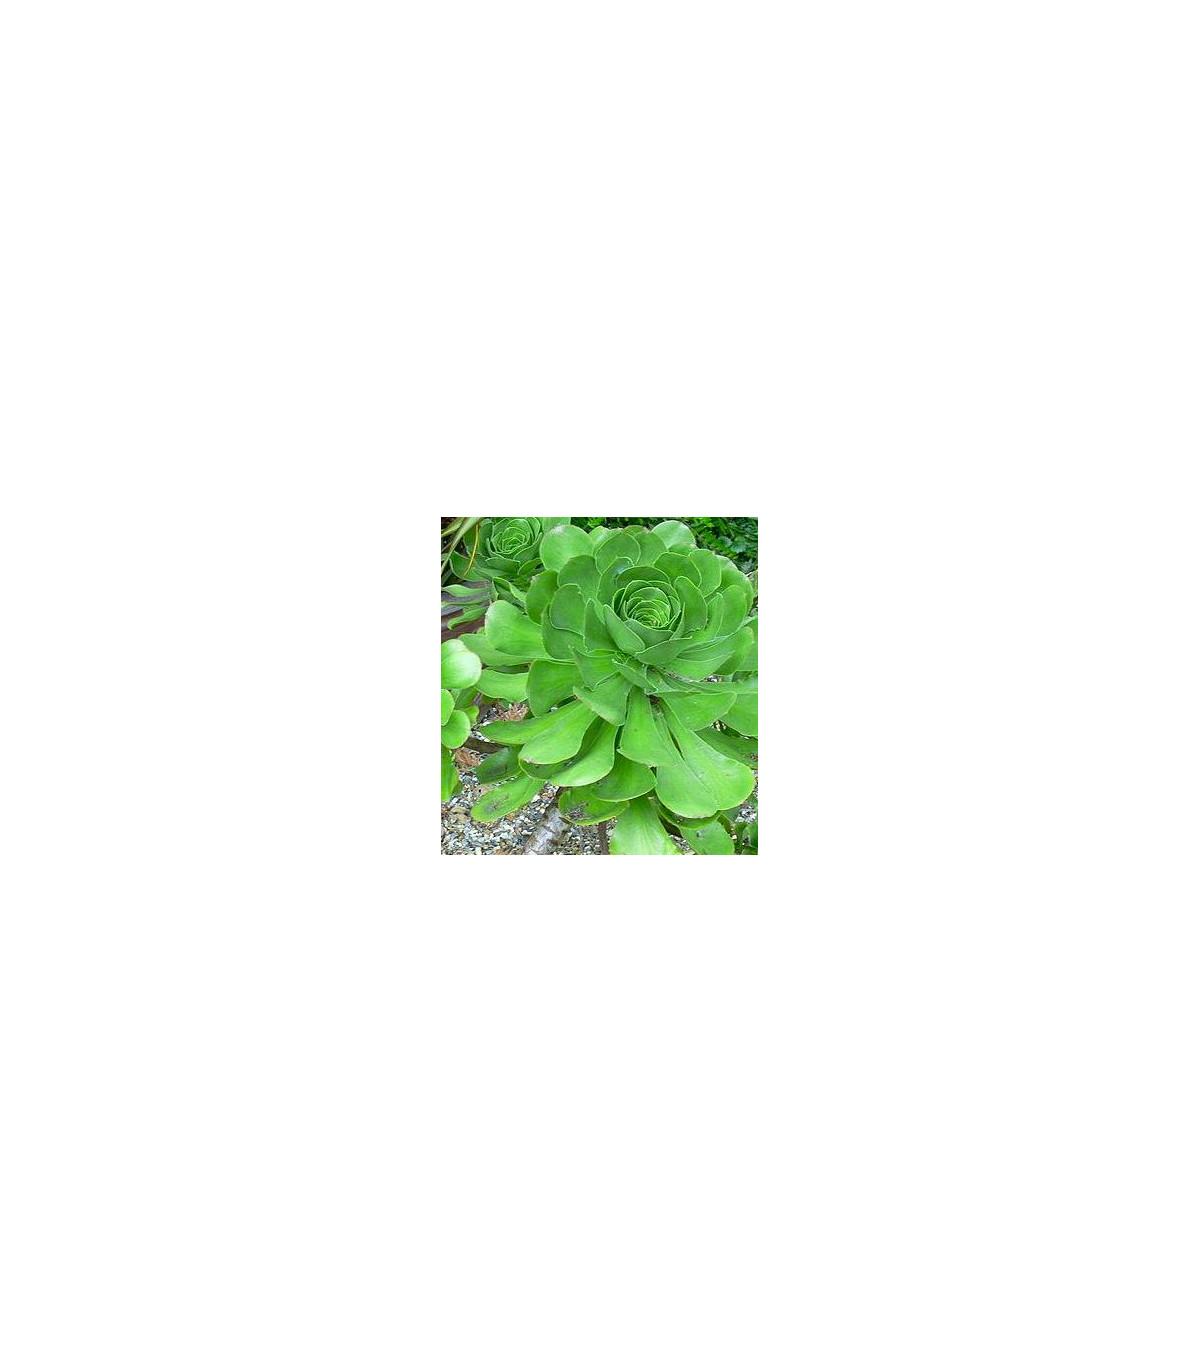 Růžicovka - semínka Růžicovky - rostlina Aeonium ciliatum pěstování - 10 ks